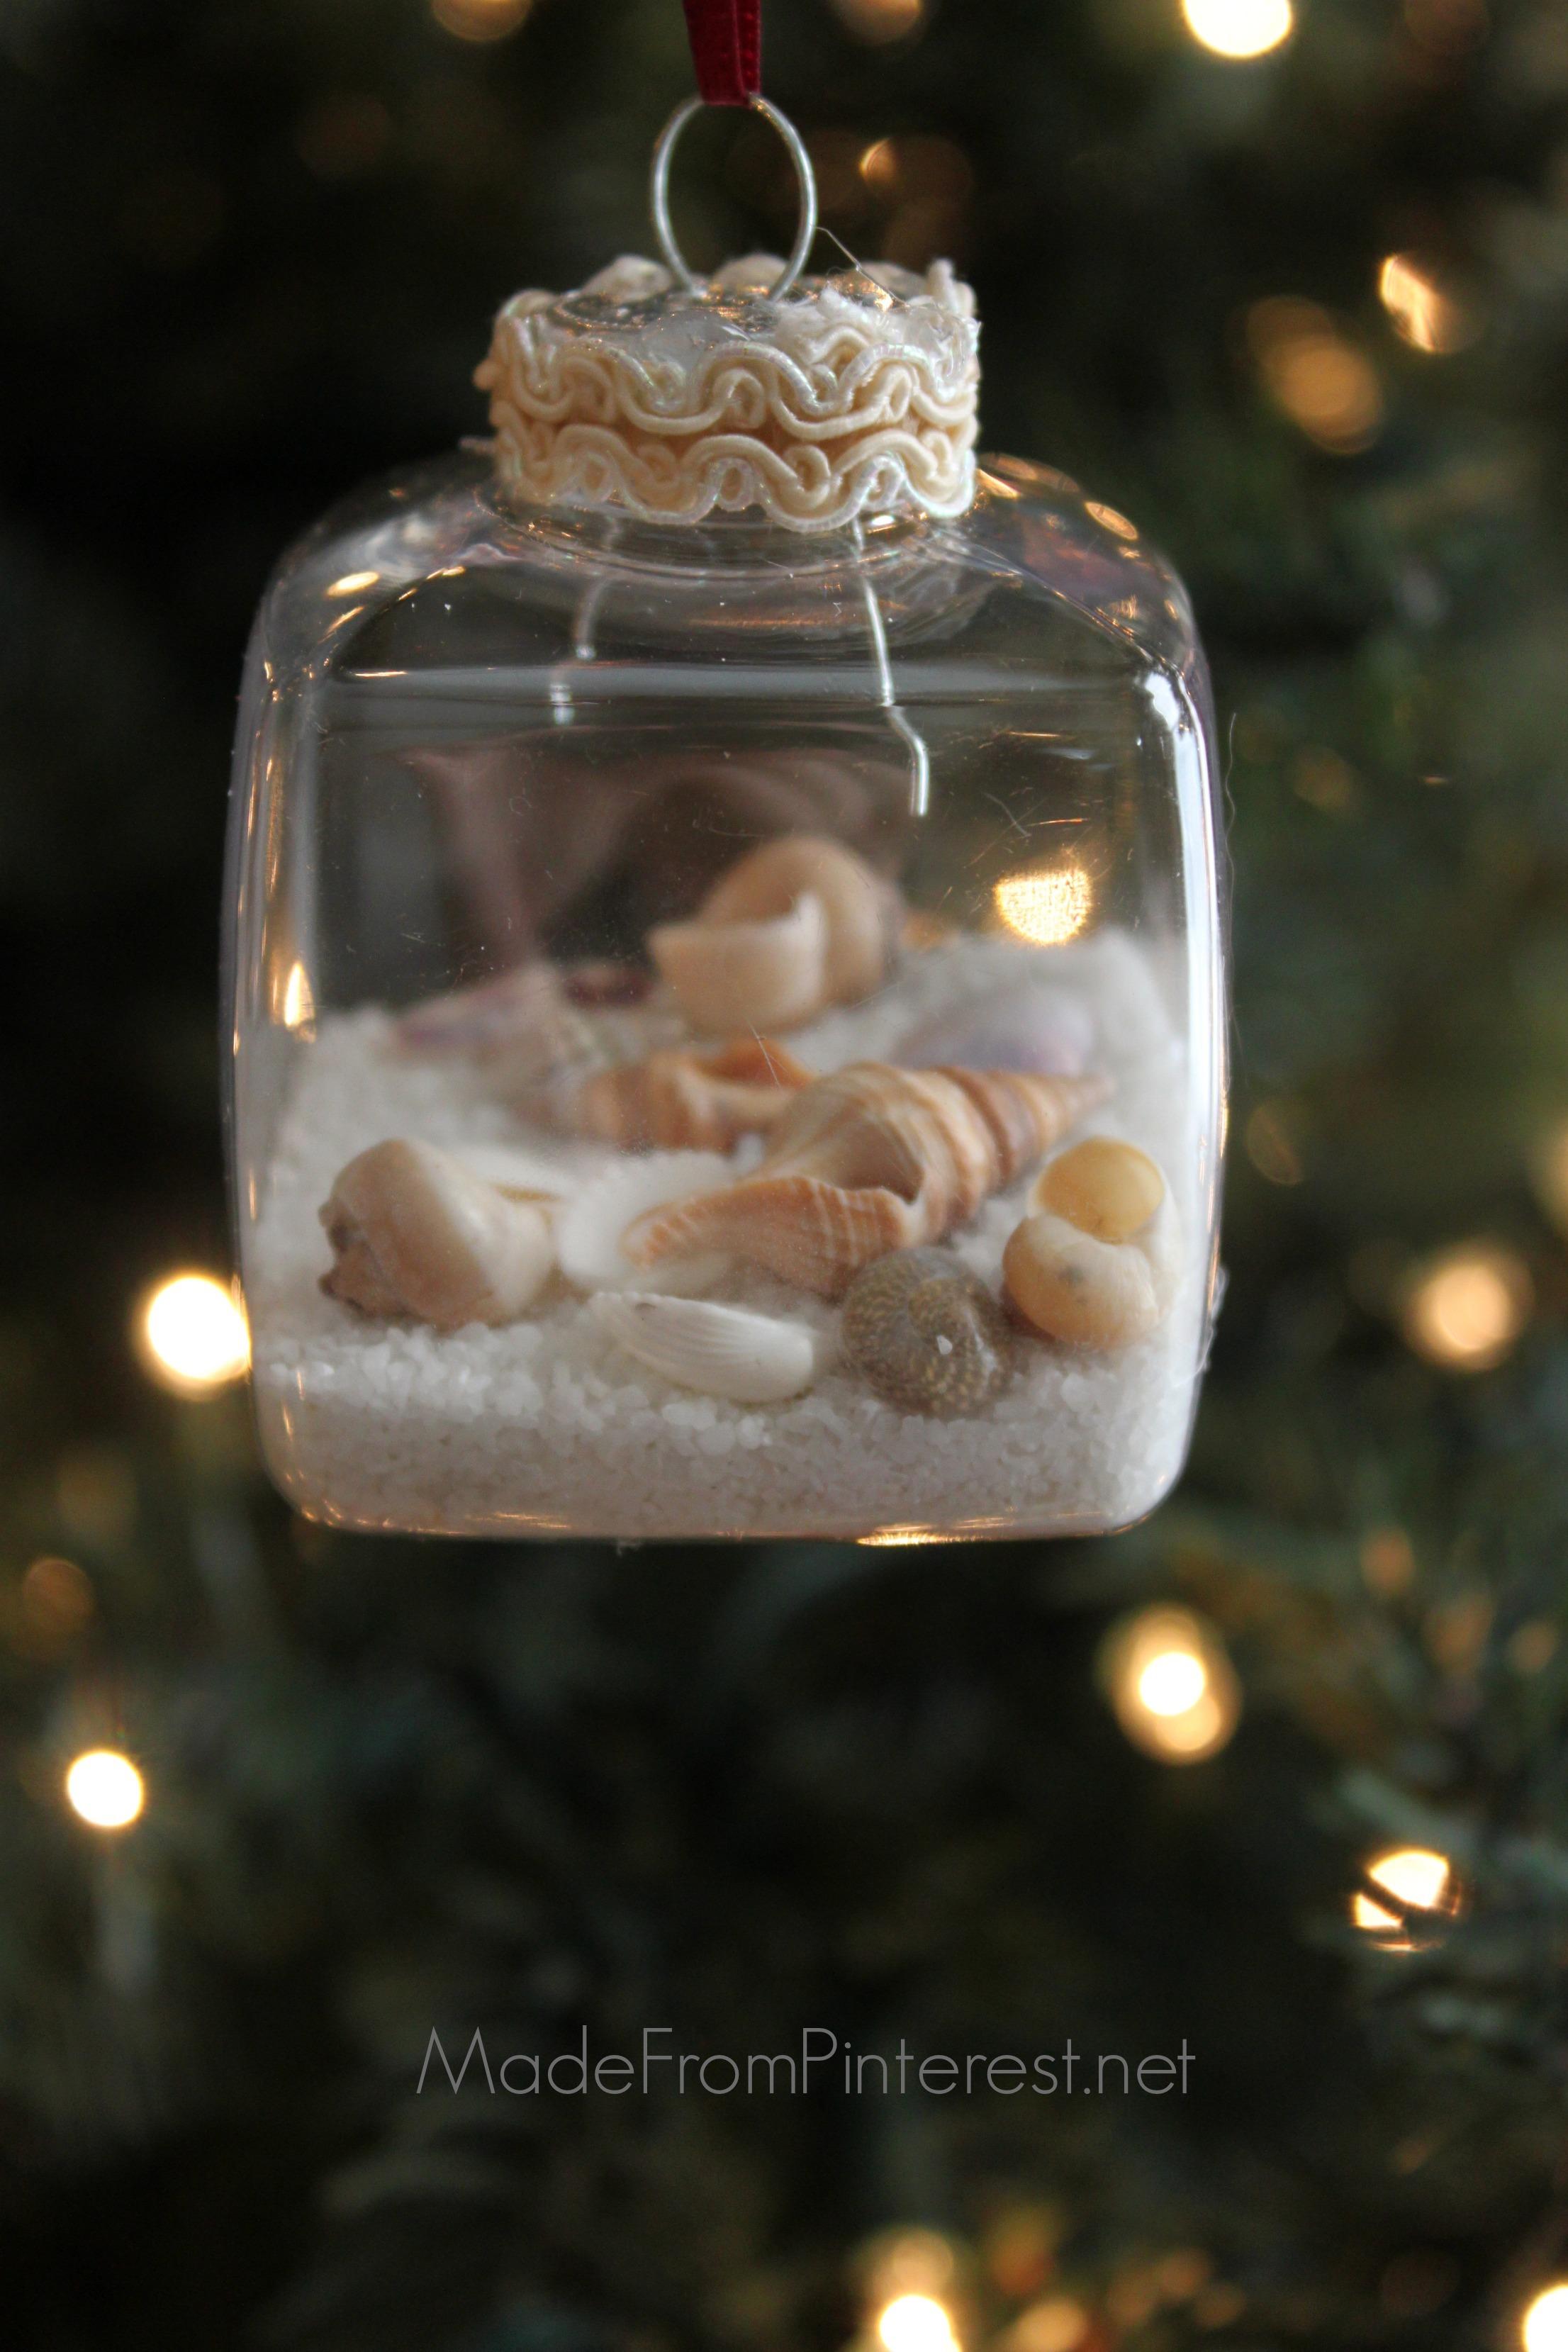 Sea shell christmas ornaments - Sea Shell Christmas Ornaments 39